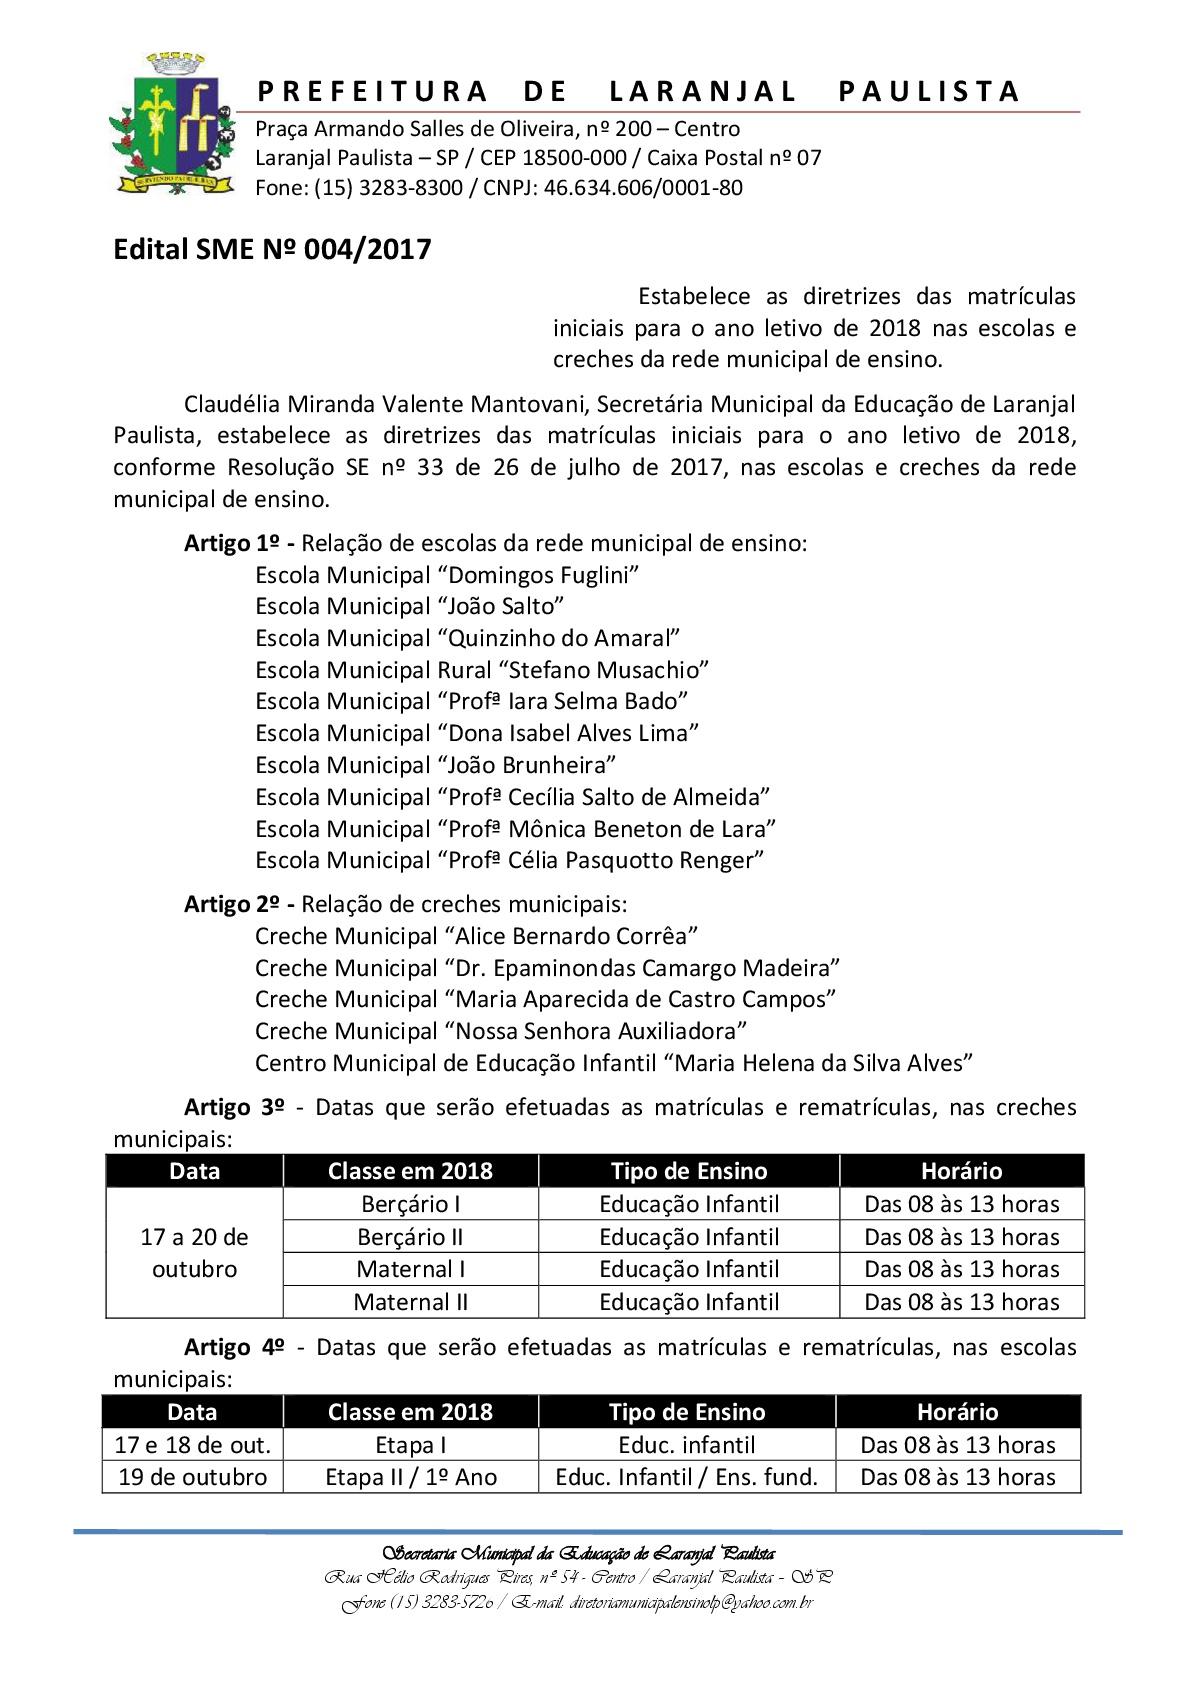 Edital SME Nº 004/2017 - Matrículas 2018